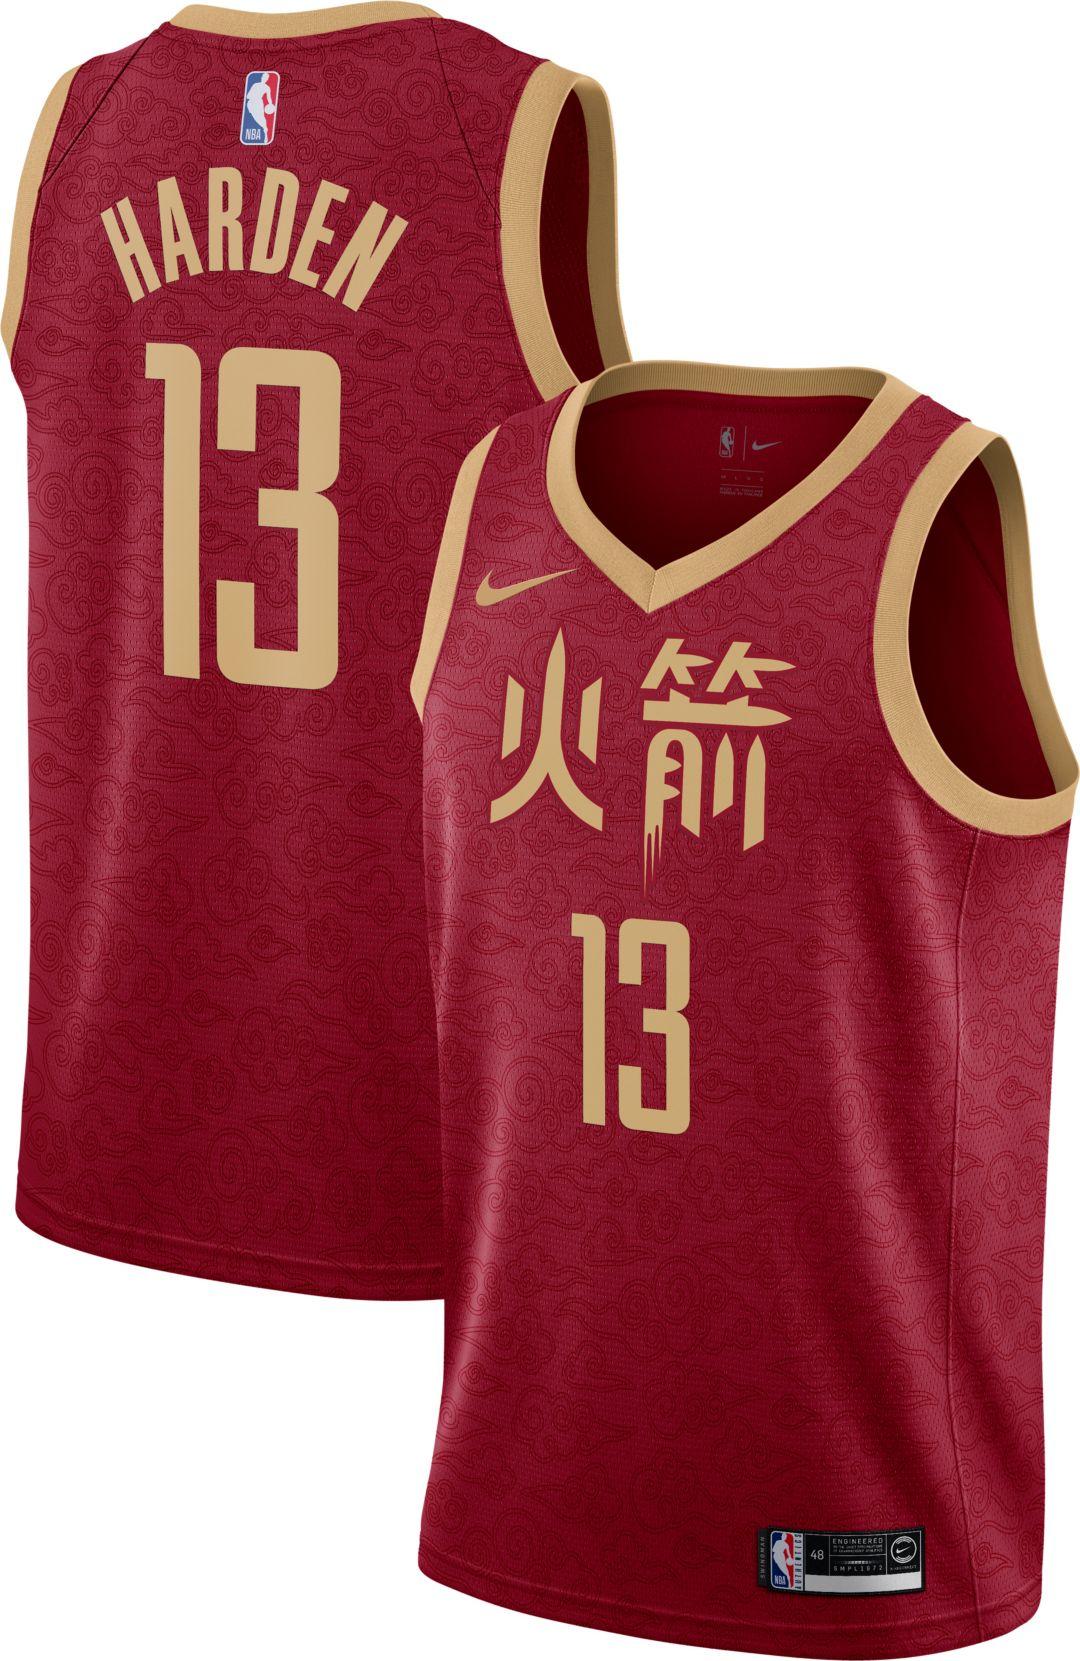 2058d706f21 Nike Men's Houston Rockets James Harden Dri-FIT City Edition Swingman  Jersey 1